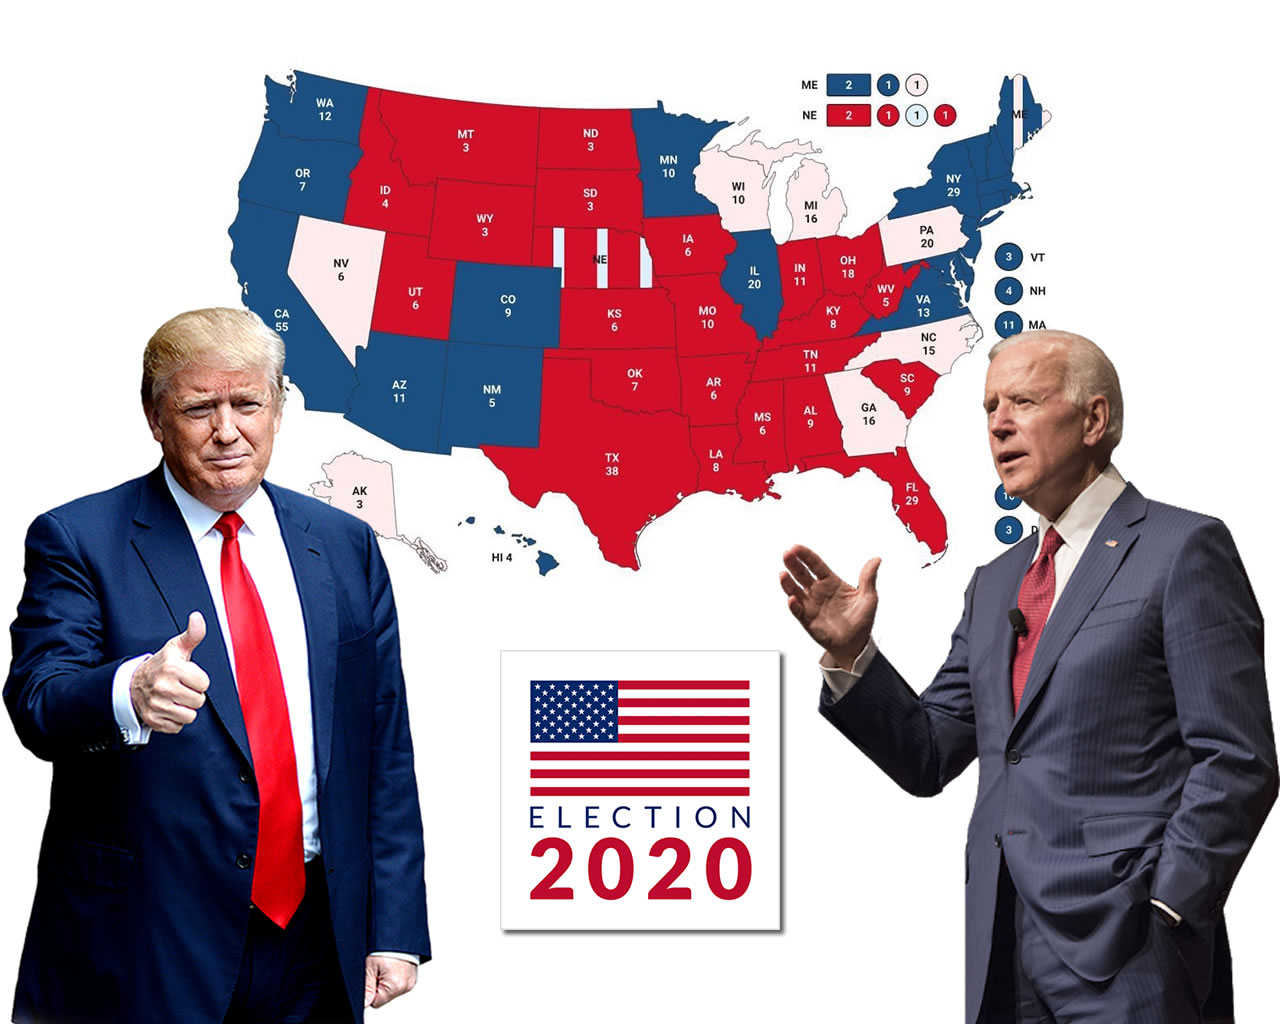 ΘρίλερστιςΑμερικάνικεςεκλογές!%συμμετοχήρεκόρ